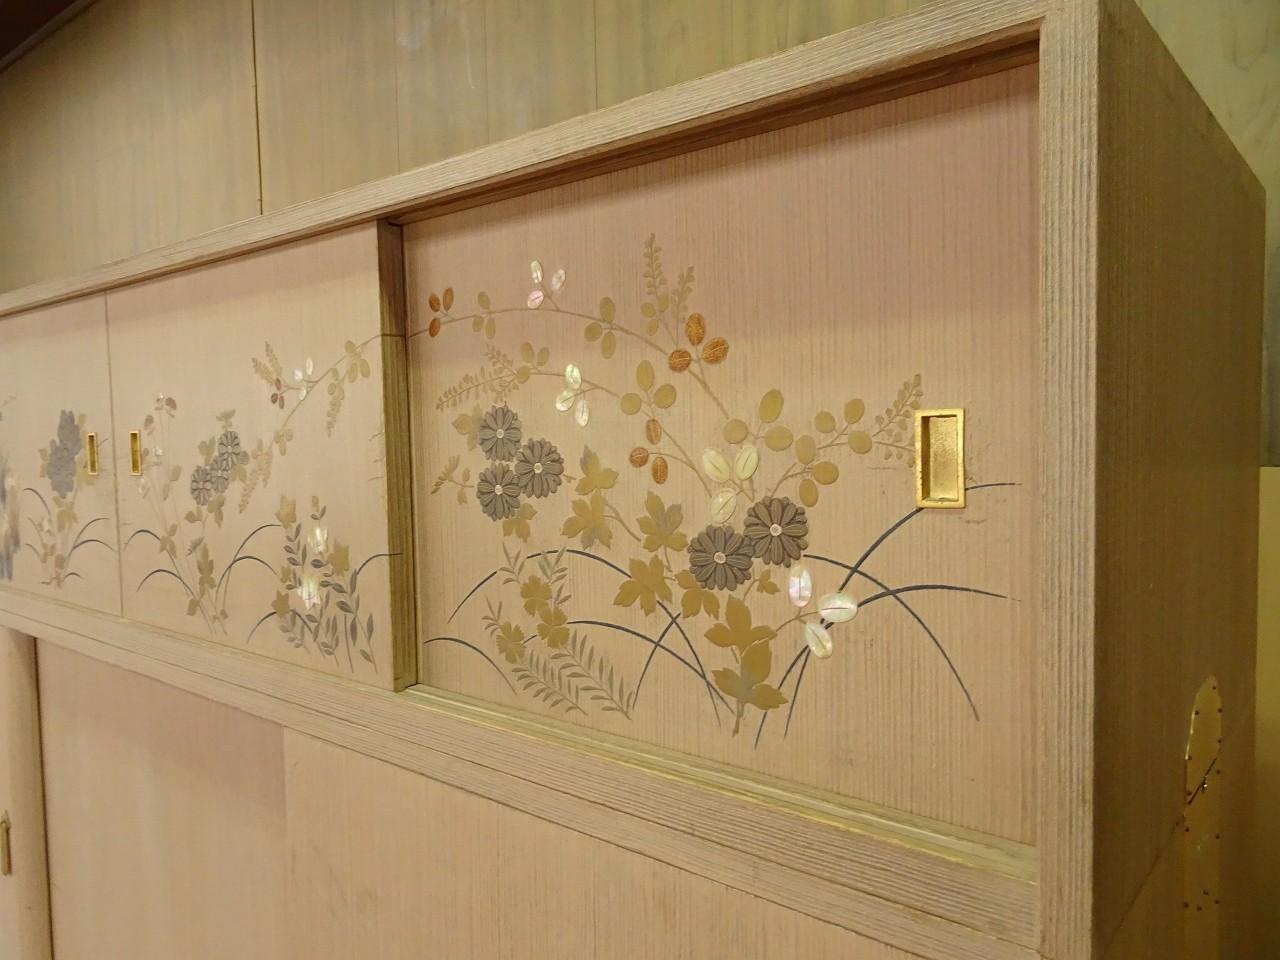 松山家具(桐の松山)製の蒔絵入り(絵入り)桐箪笥の洗い